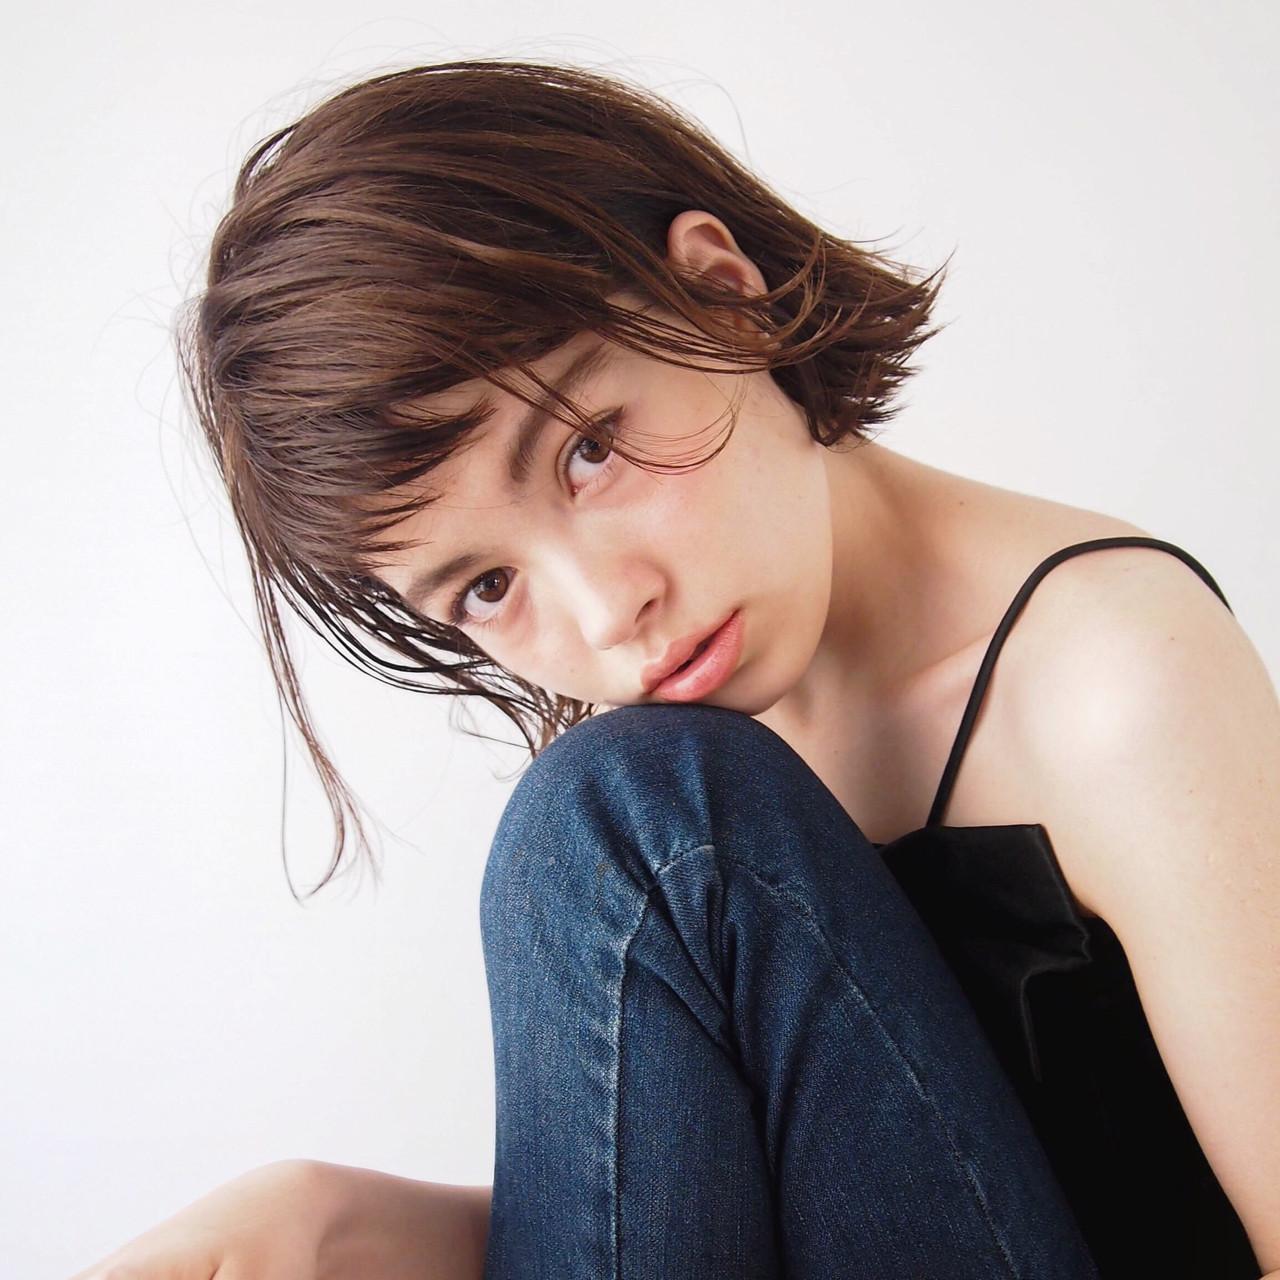 ハンサム ナチュラル かっこいい 女子会 ヘアスタイルや髪型の写真・画像